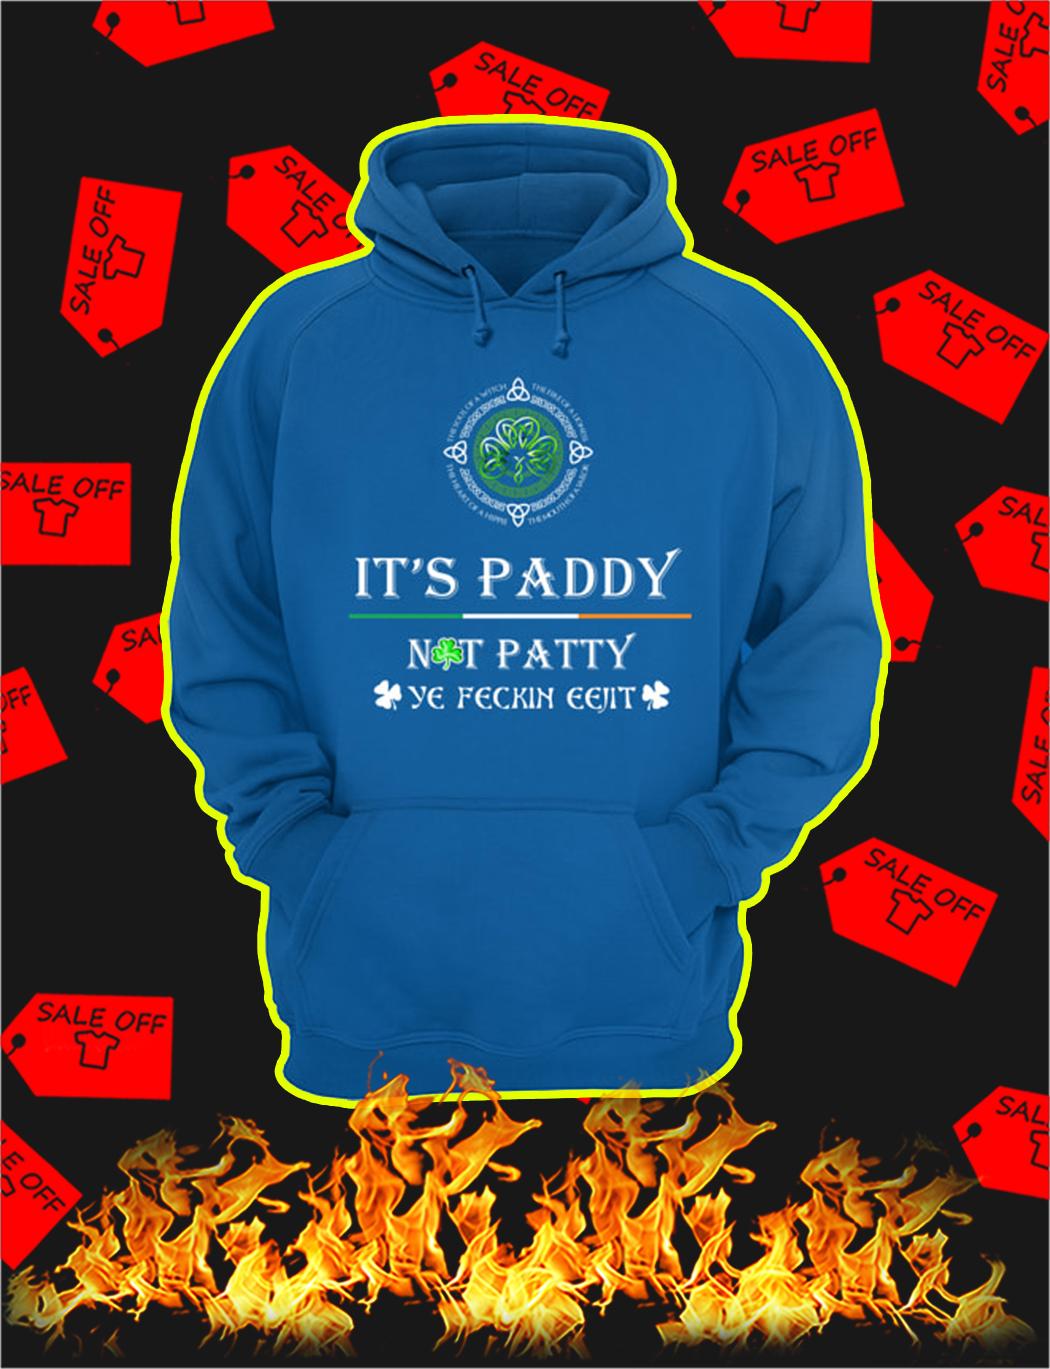 It's Paddy Not Patty Ye Feckin Eejit hoodie